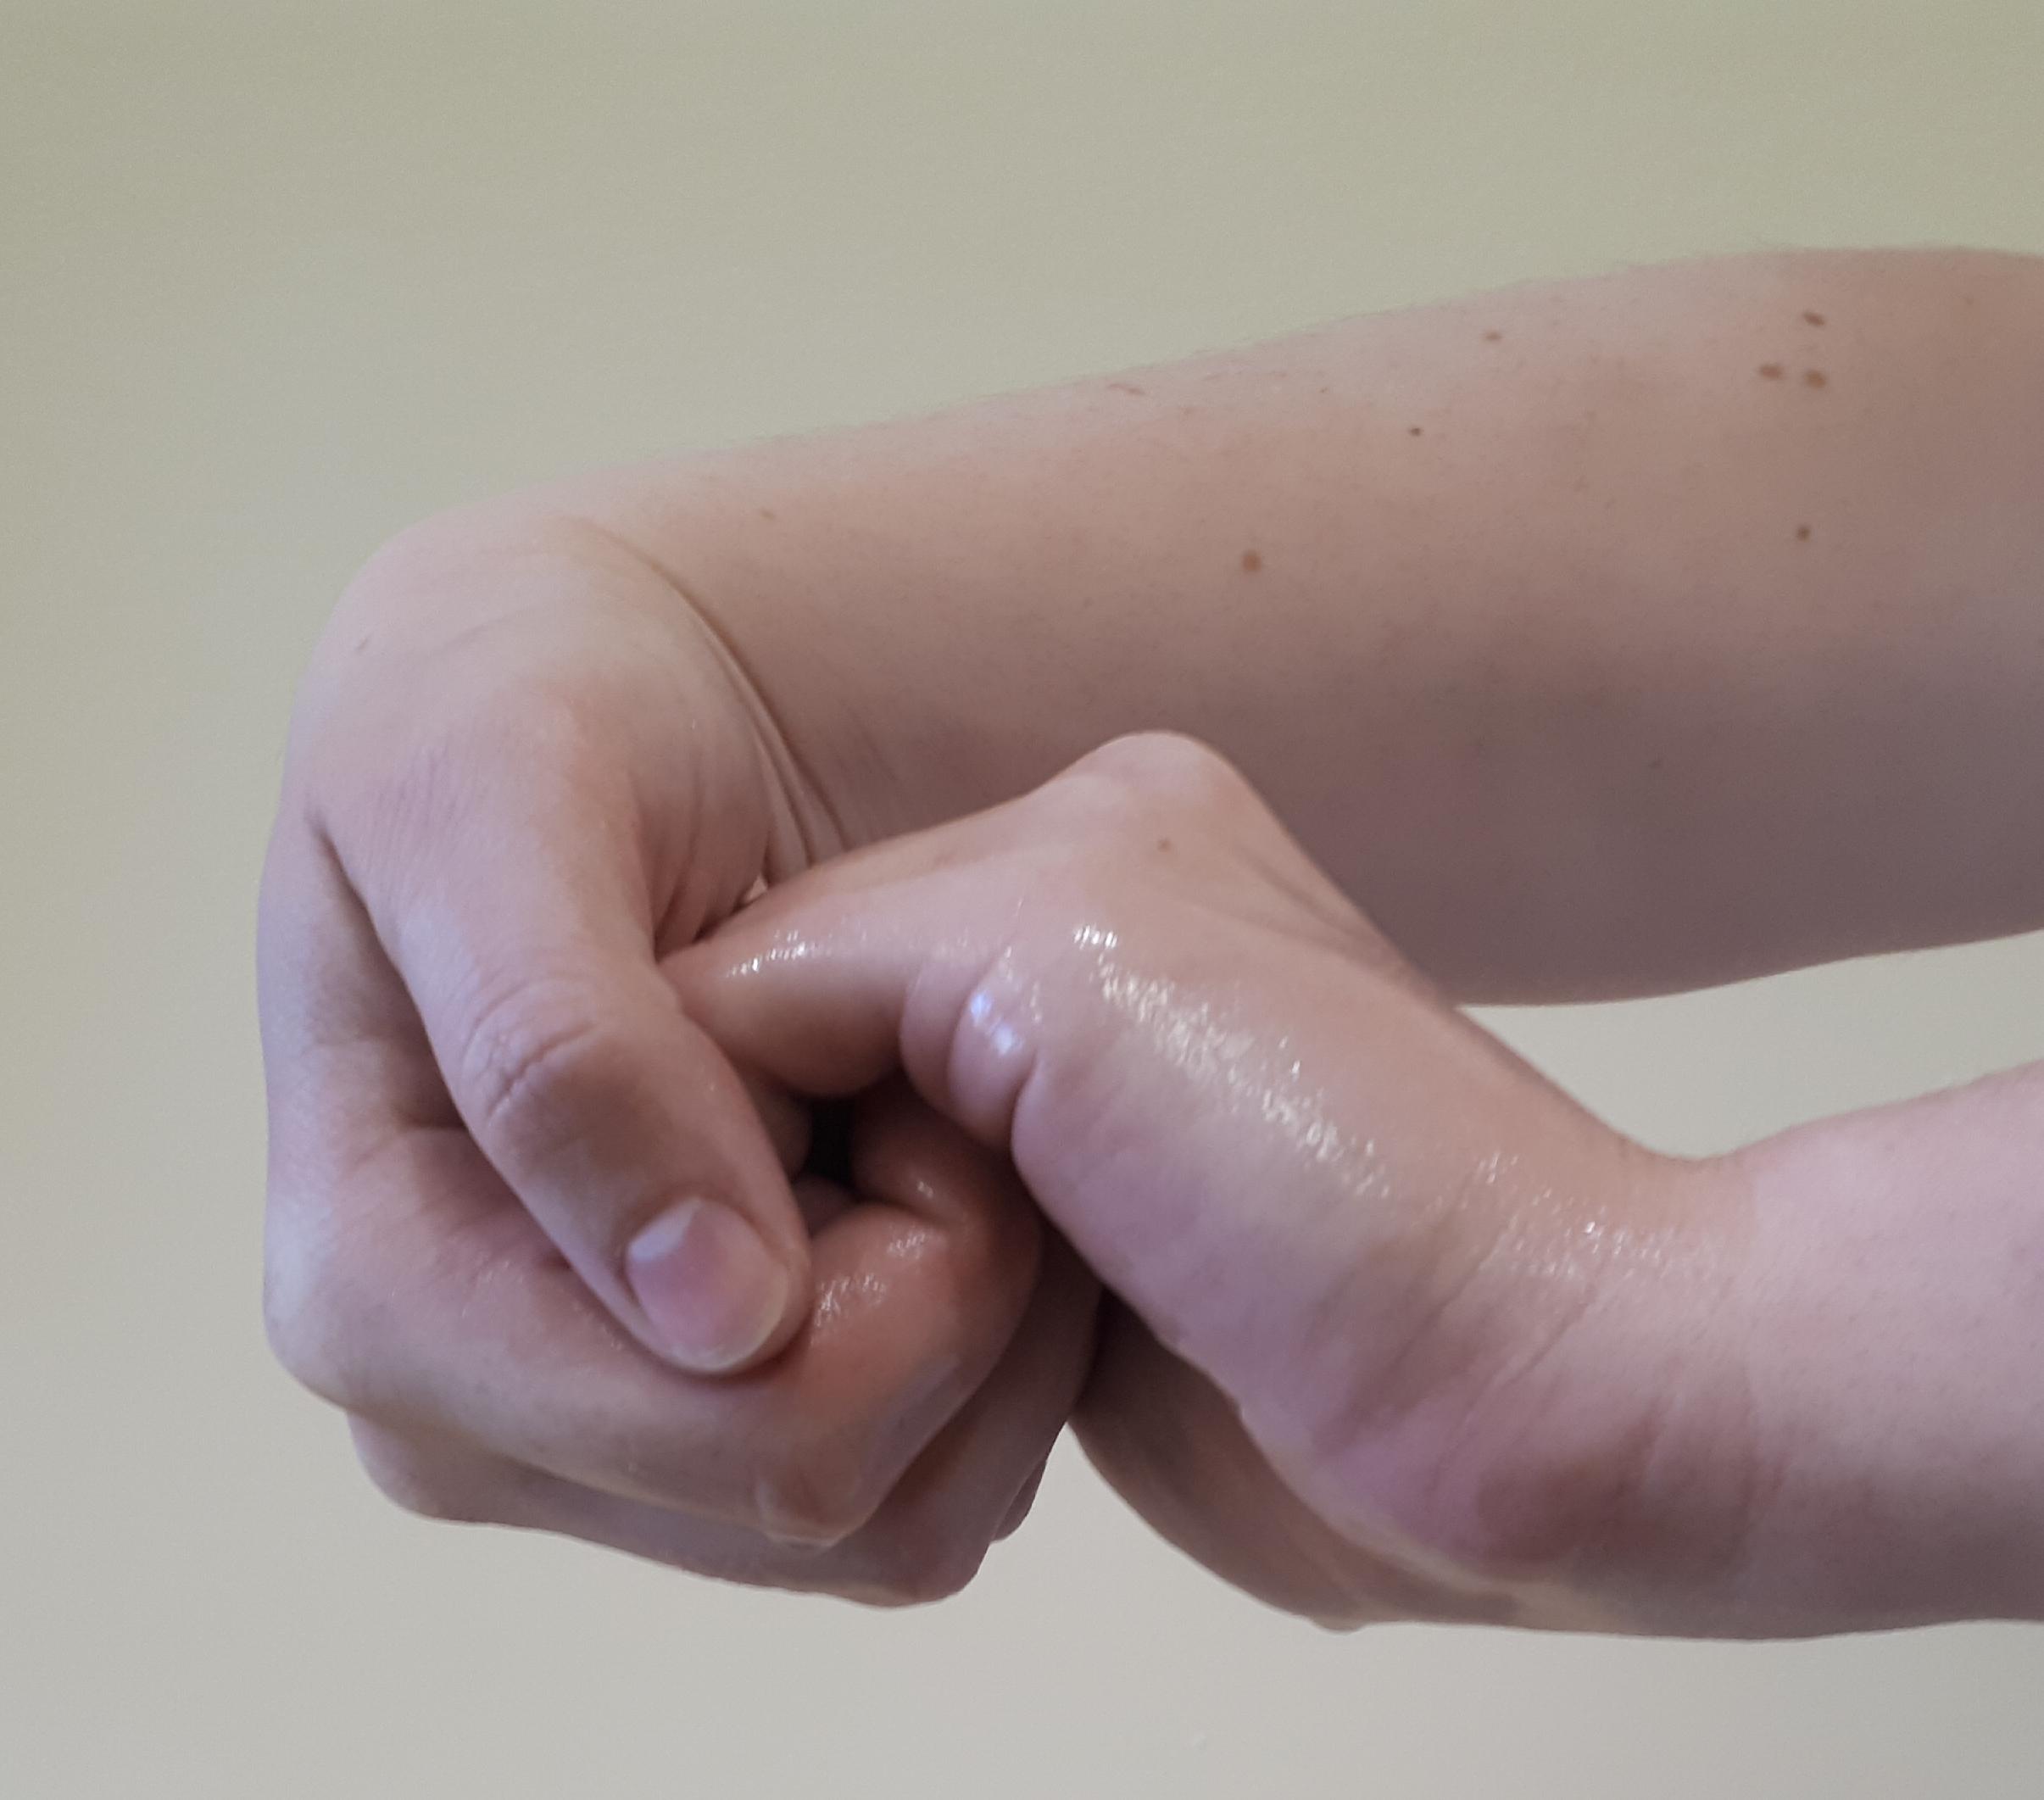 Händedeinfektionsmittel in die trockene, hohle Hand